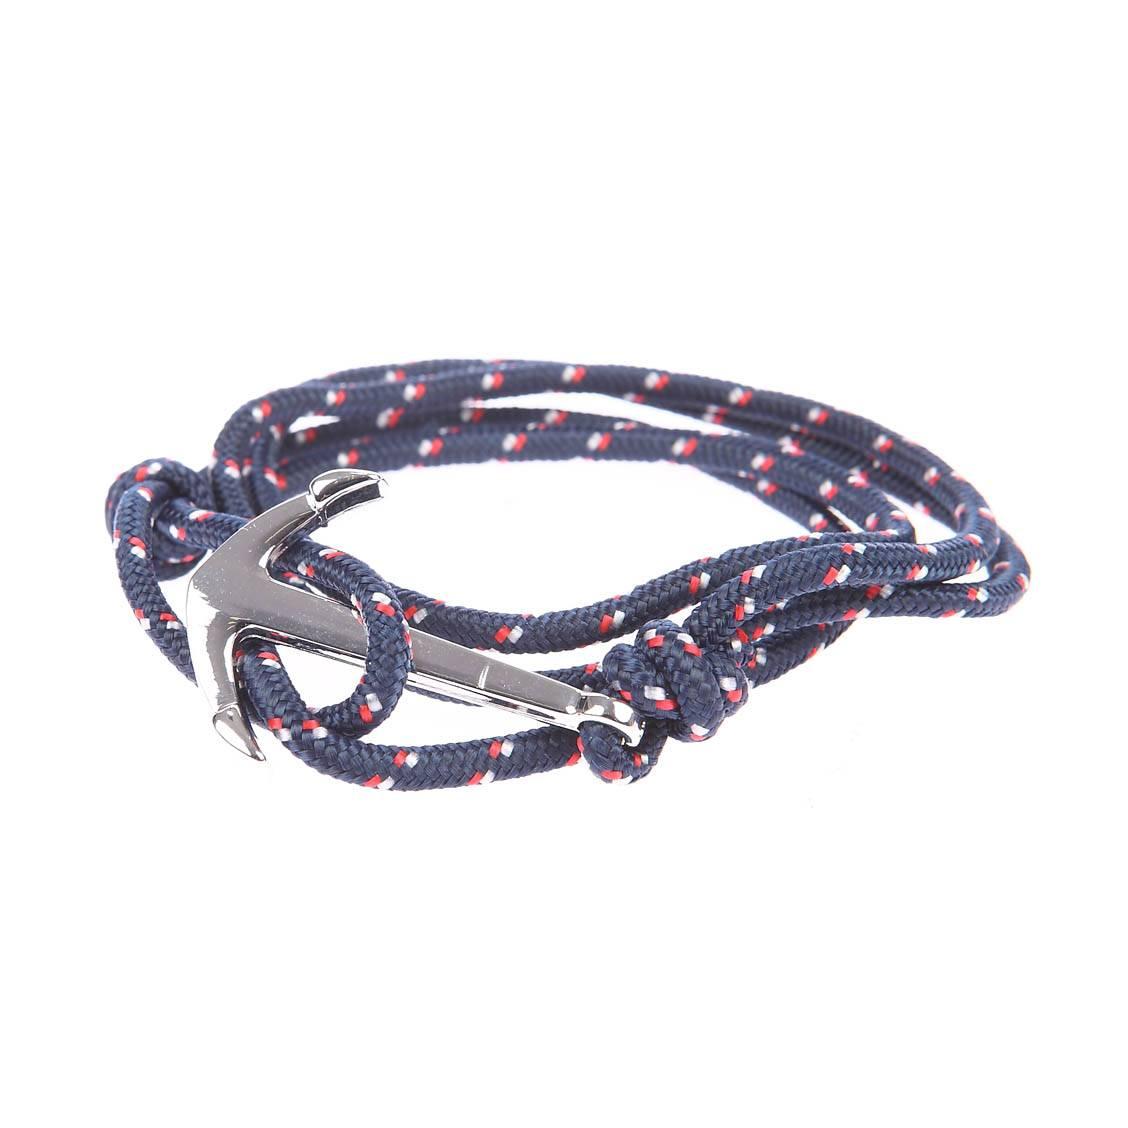 bracelet-lucleon-bleu-marine-a-motifs-rouges-et-gris-ferme-par-une-ancre-argentee